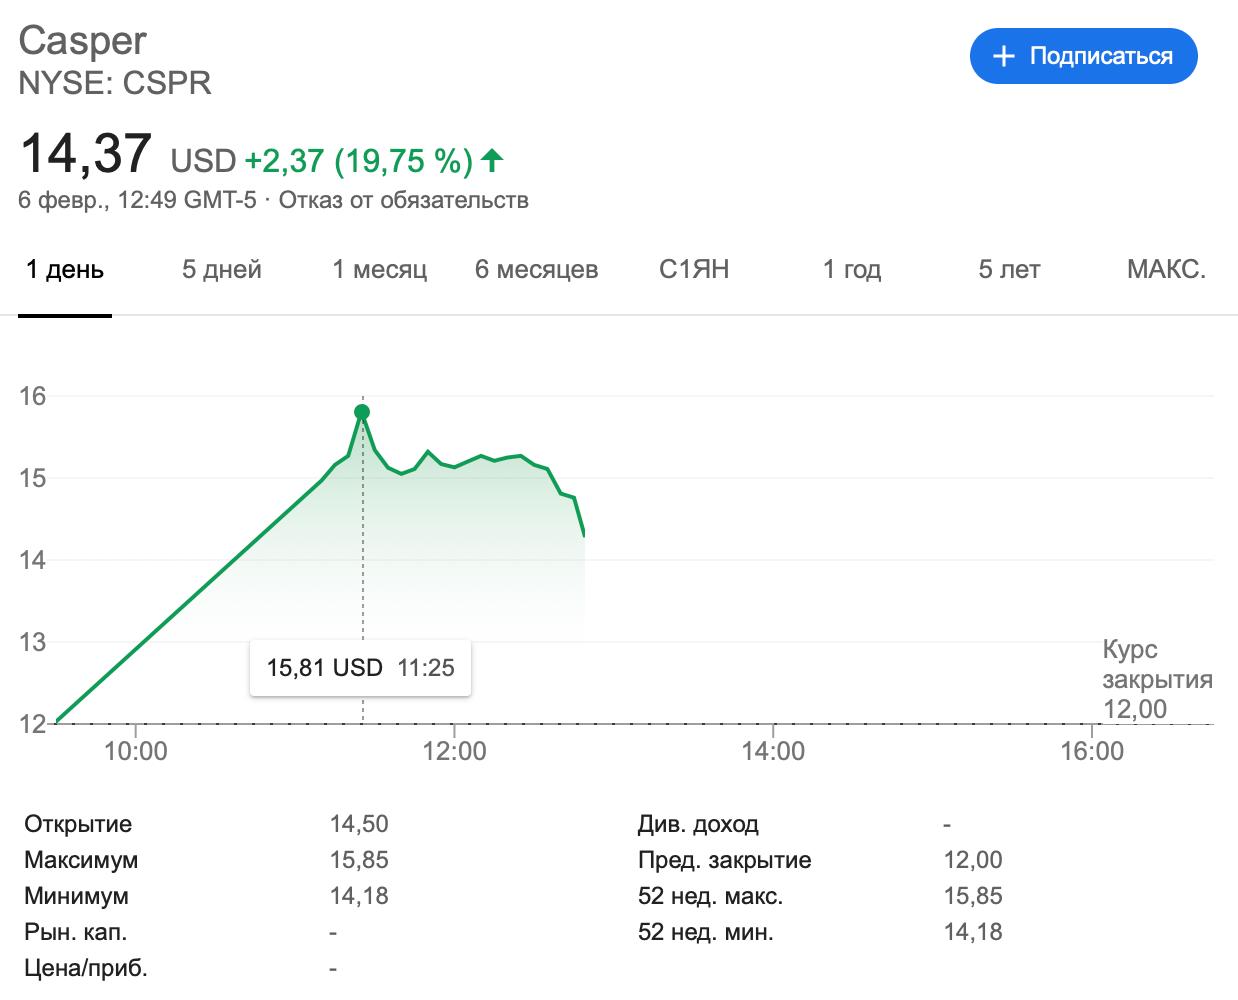 Онлайн-ритейлер матрасов Casper вышел на биржу с капитализацией $575 млн, хотя инвесторы оценивали его в $1,1 млрд